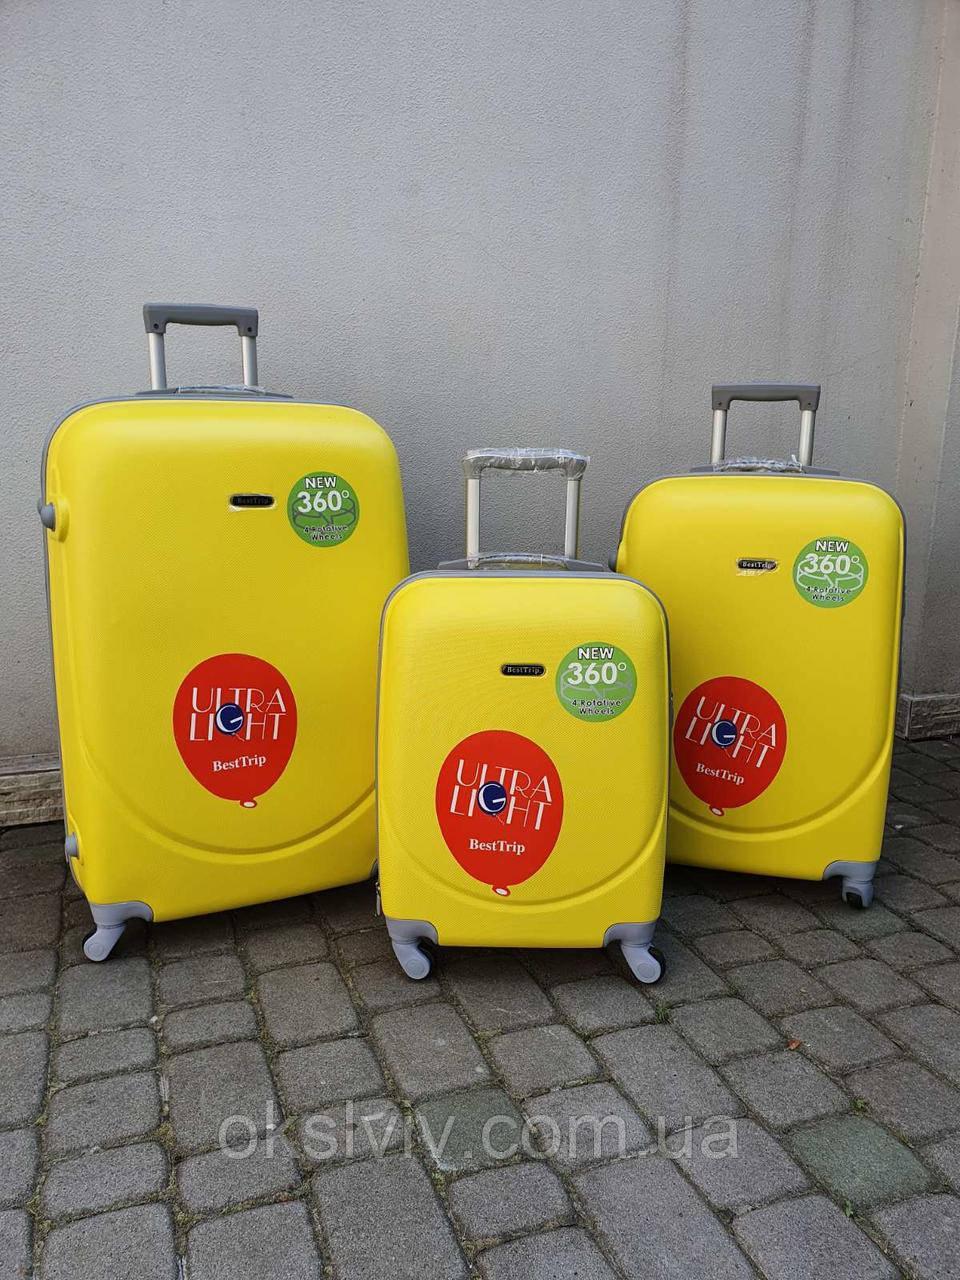 BESTTRIP 310 Італія ( ORMI ) валізи чемодани, сумки на колесах